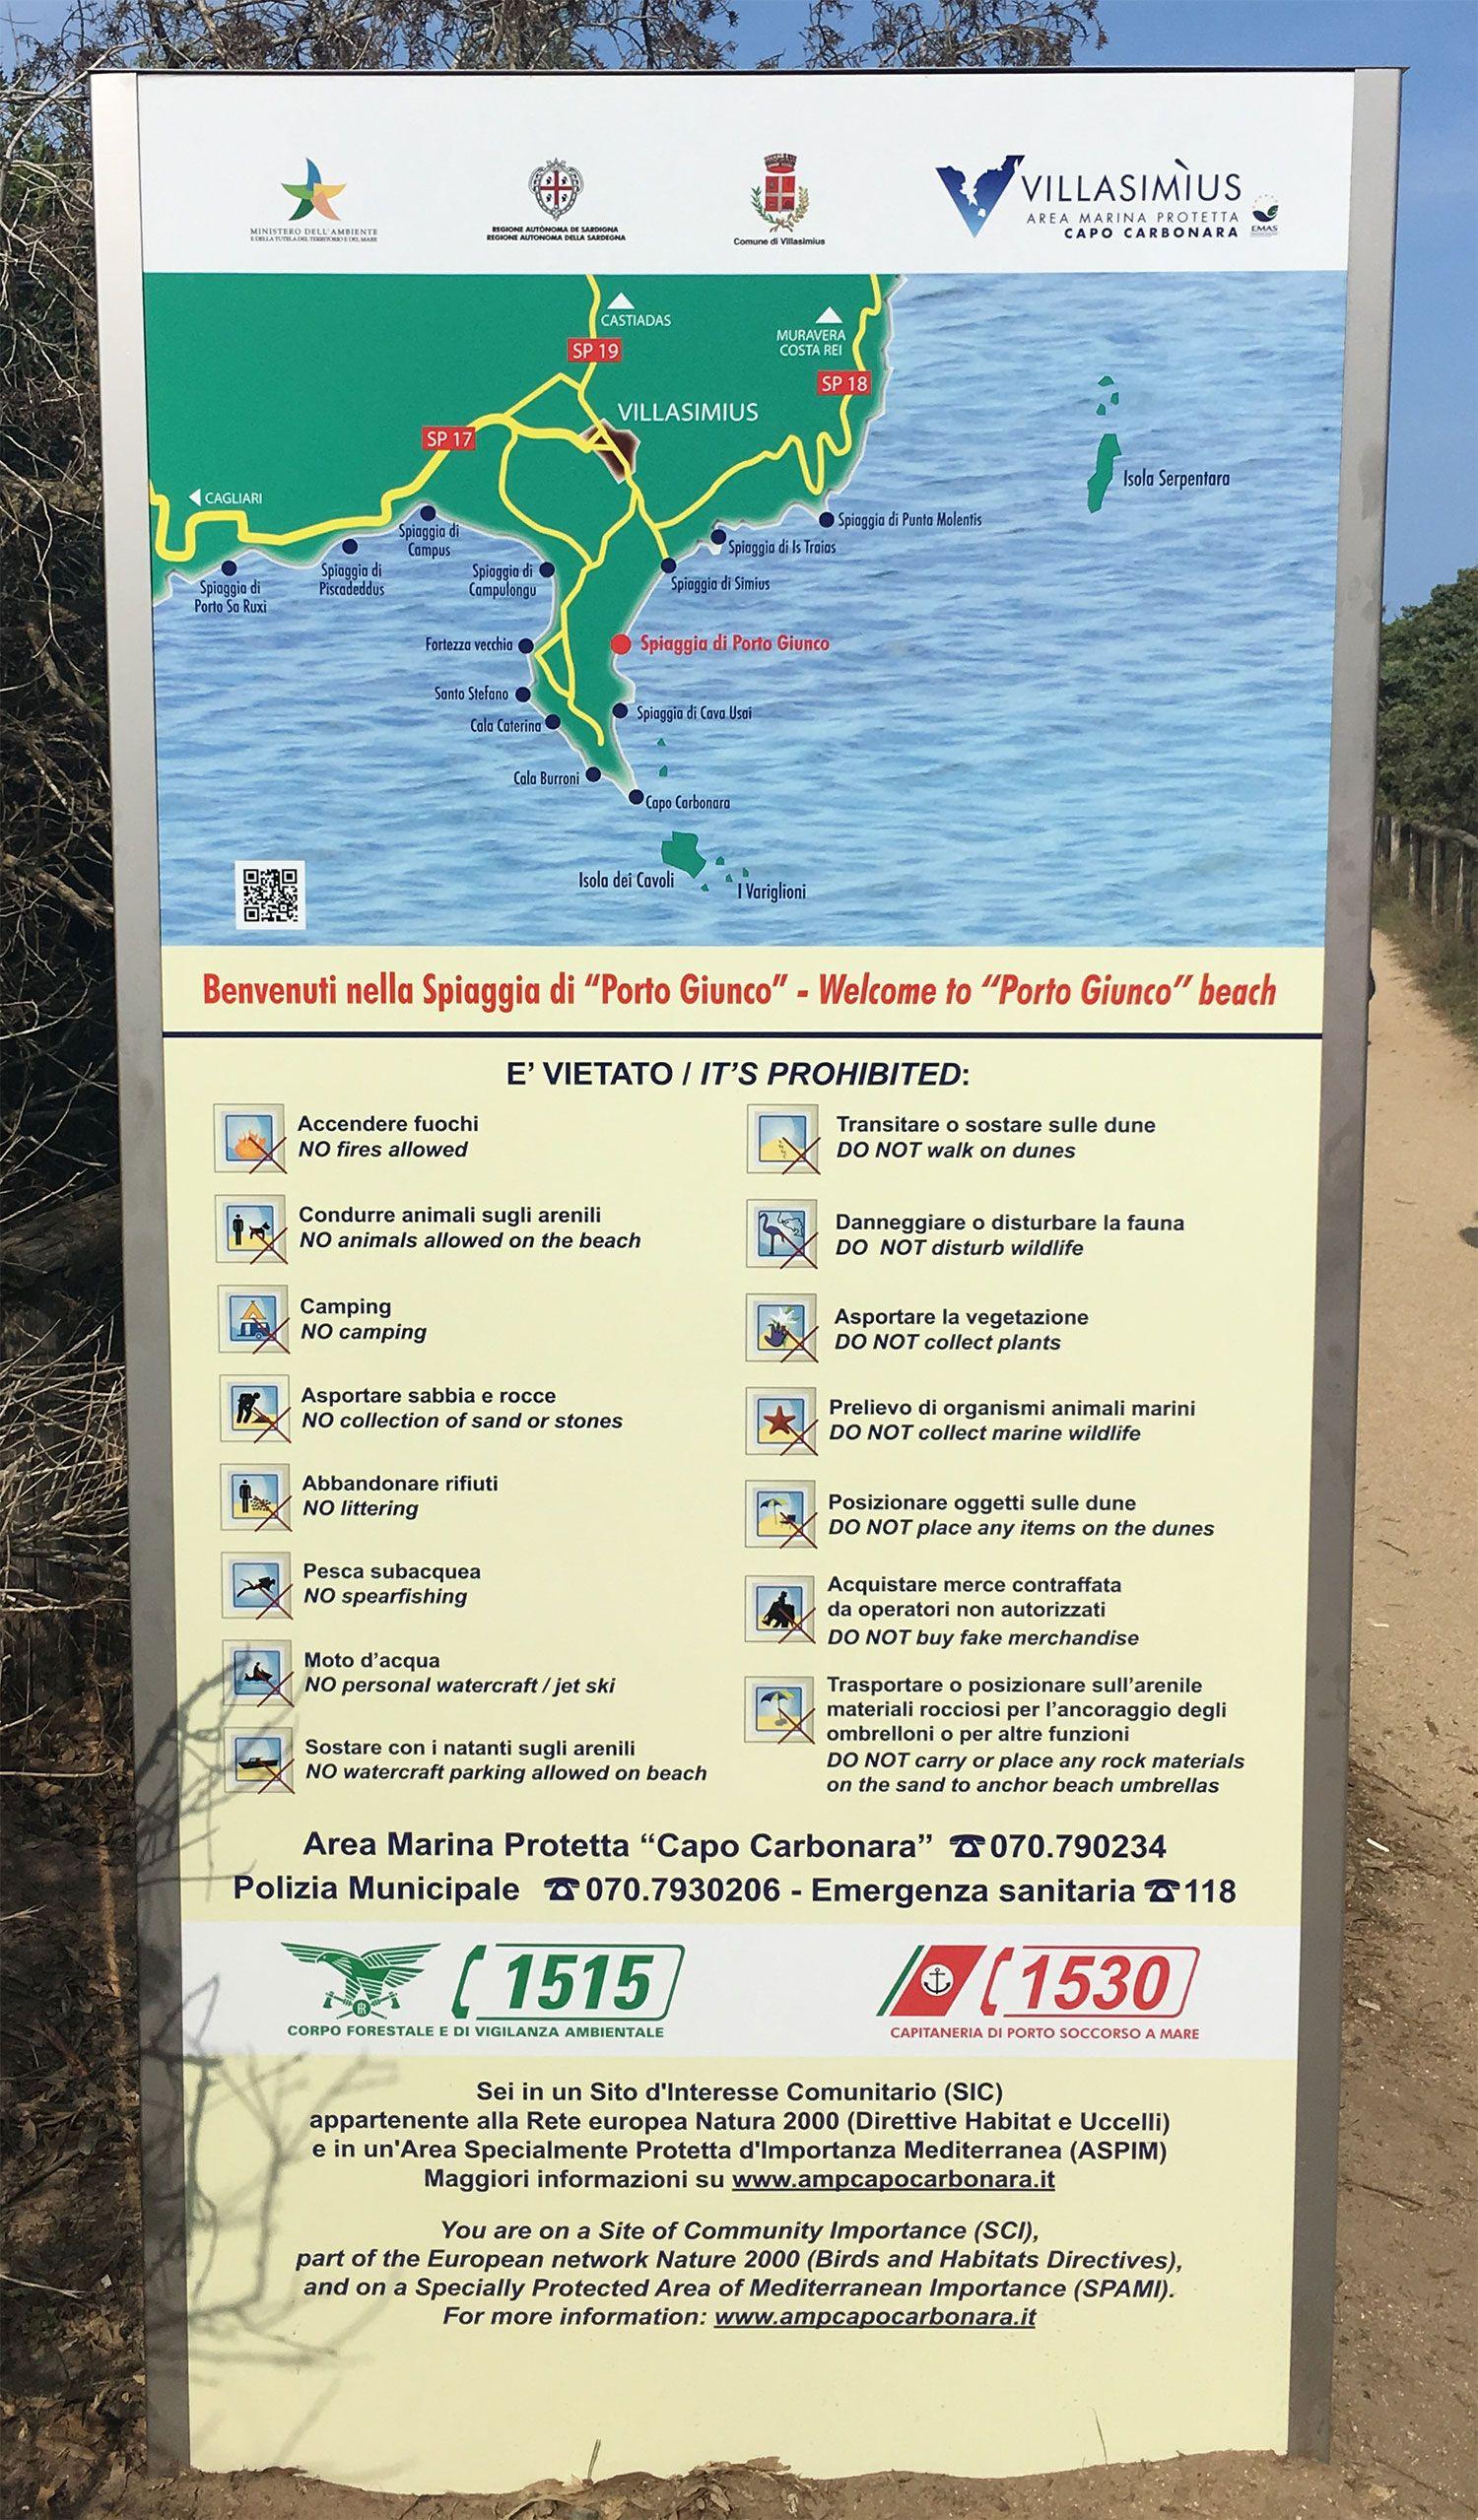 Las mejores playas de Cerdeña - Porto Giunco - Panel